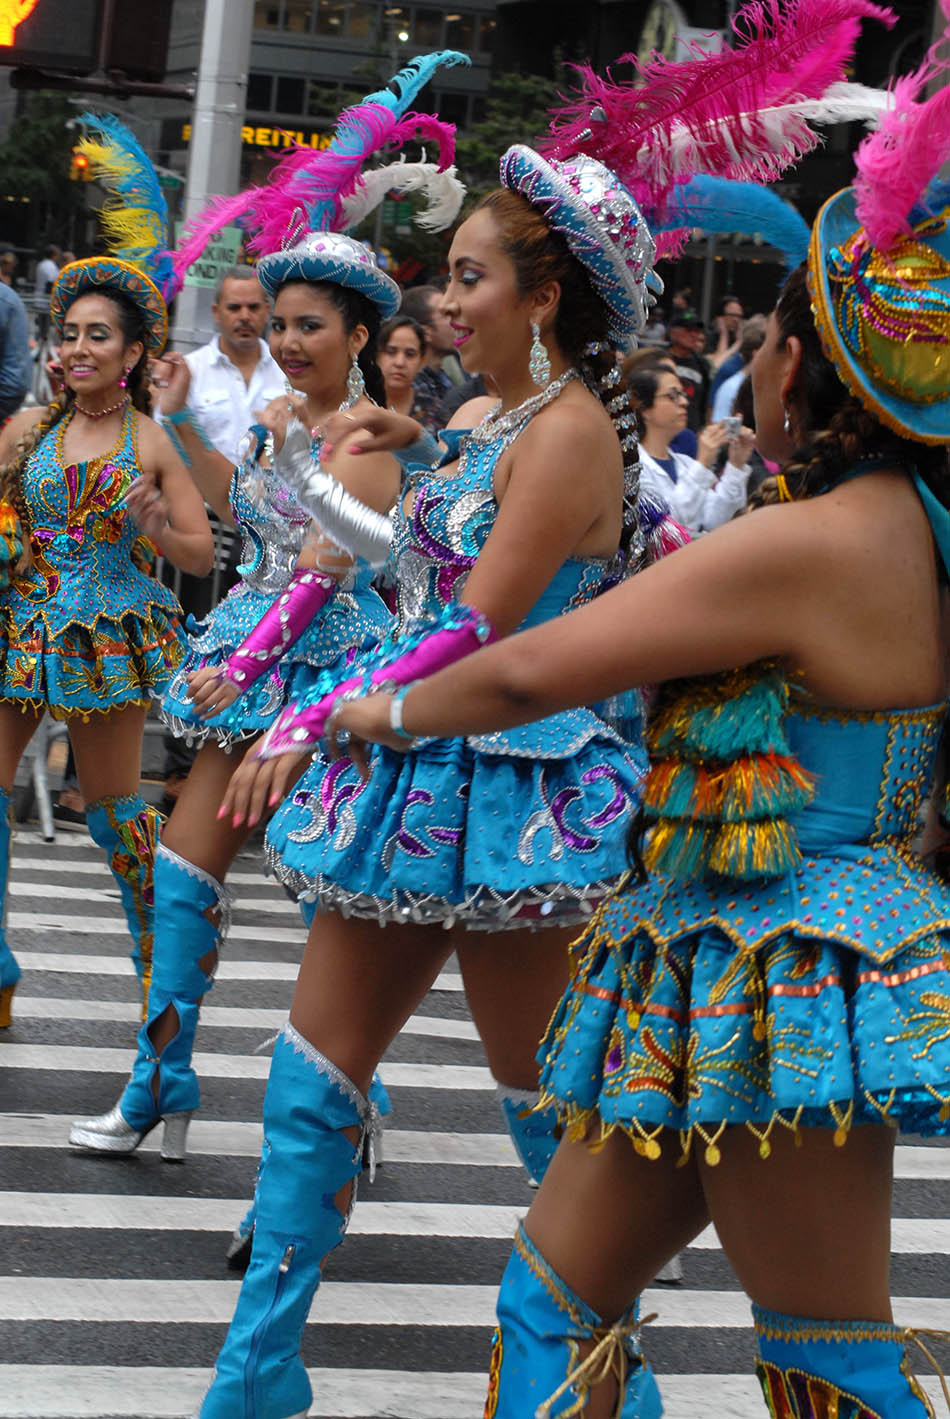 La delegación de Bolivia siempre se destaca en los desfiles en la ciudad de Nueva York. Foto Humberto Arellano